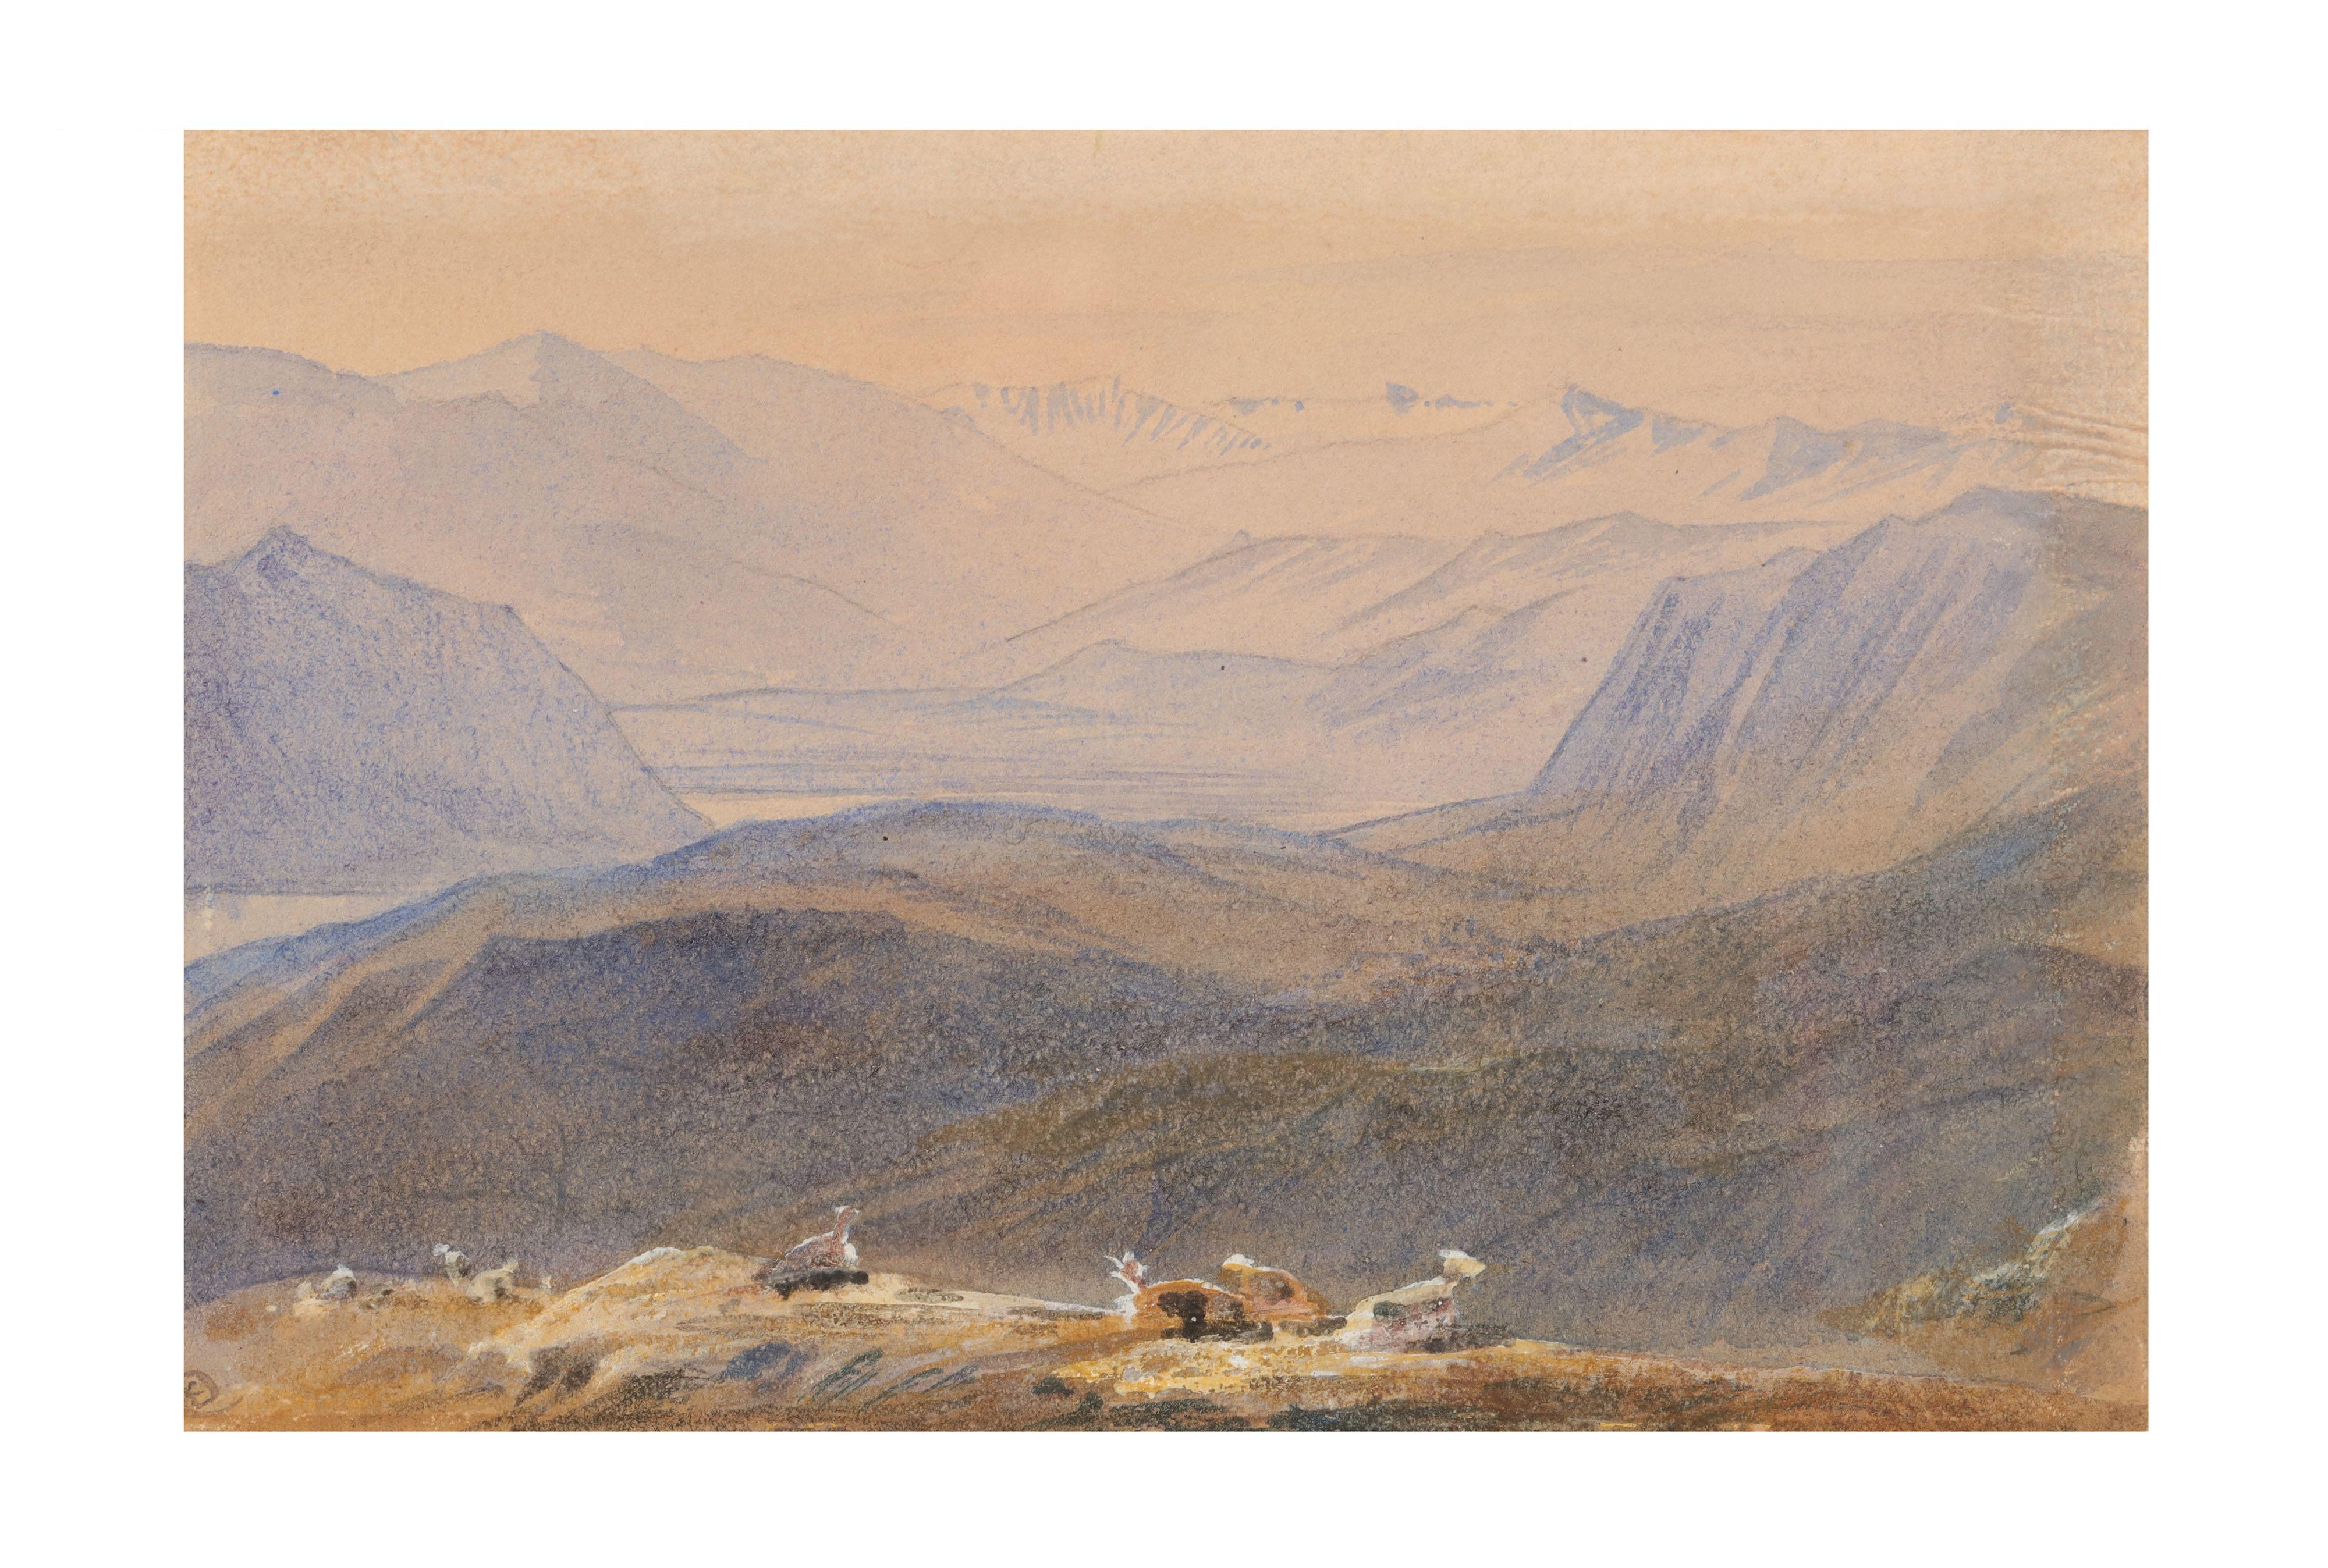 EDWARD LEAR (BRITISH 1812-1888)